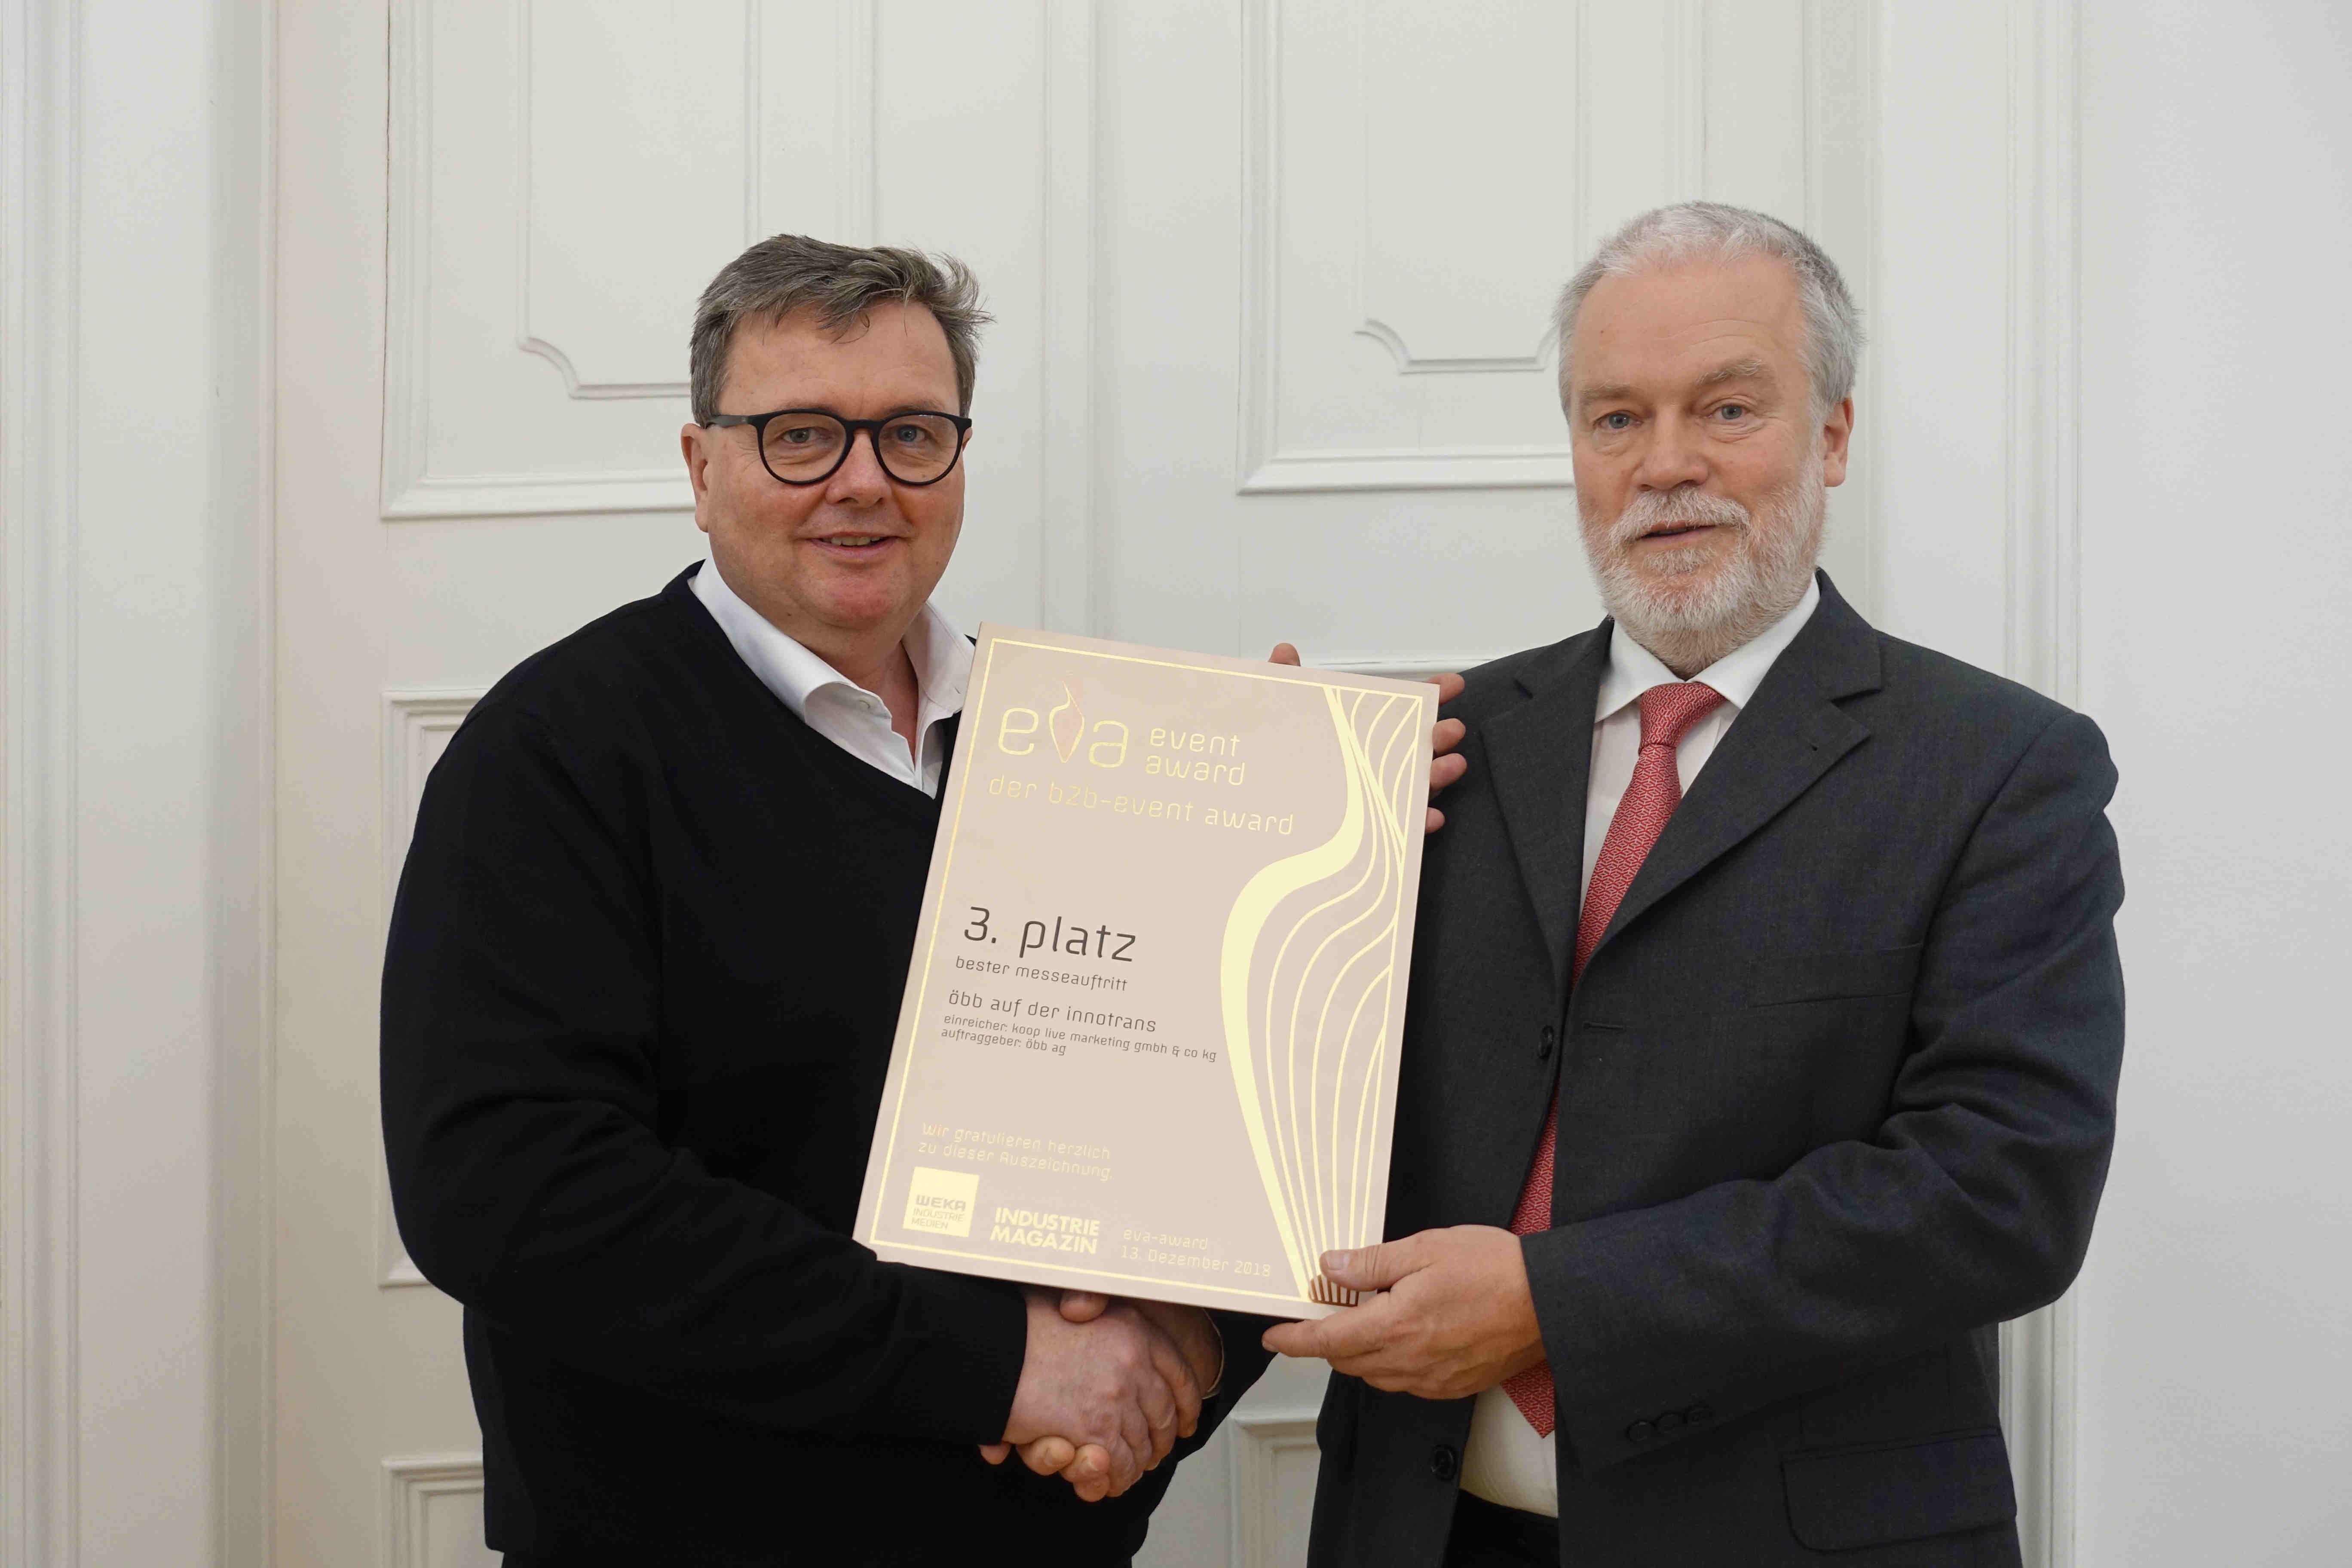 EVA Award 2018_Dieter Recknagl_KOOP Live Marketing